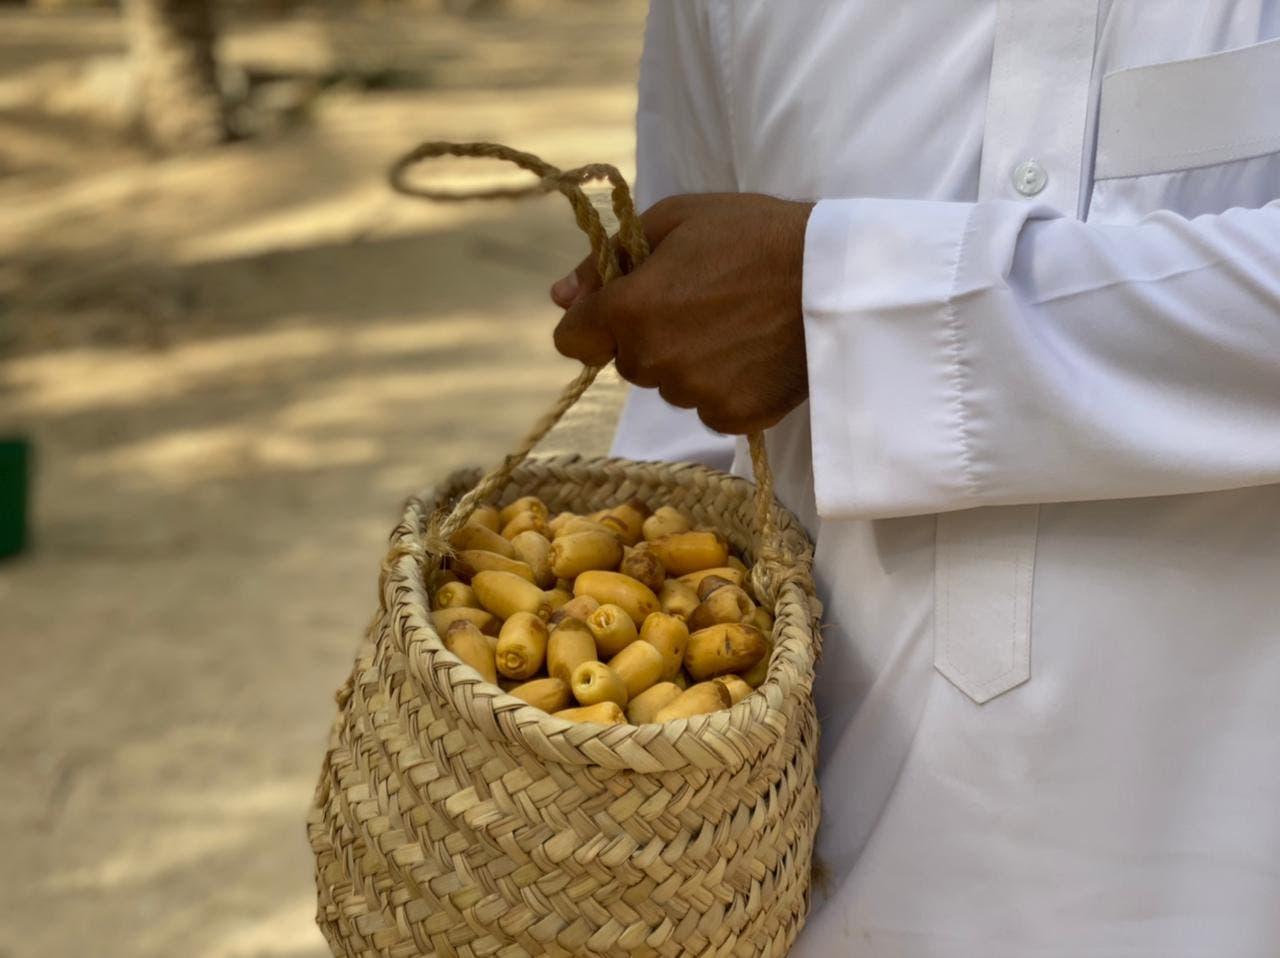 تازہ نمی سے بھرپور [رطب] کھجوروں [المعروف ڈوکے] اتارنے کے عمل کو مقامی زبان میں 'خراف' کہا جاتا ہے۔